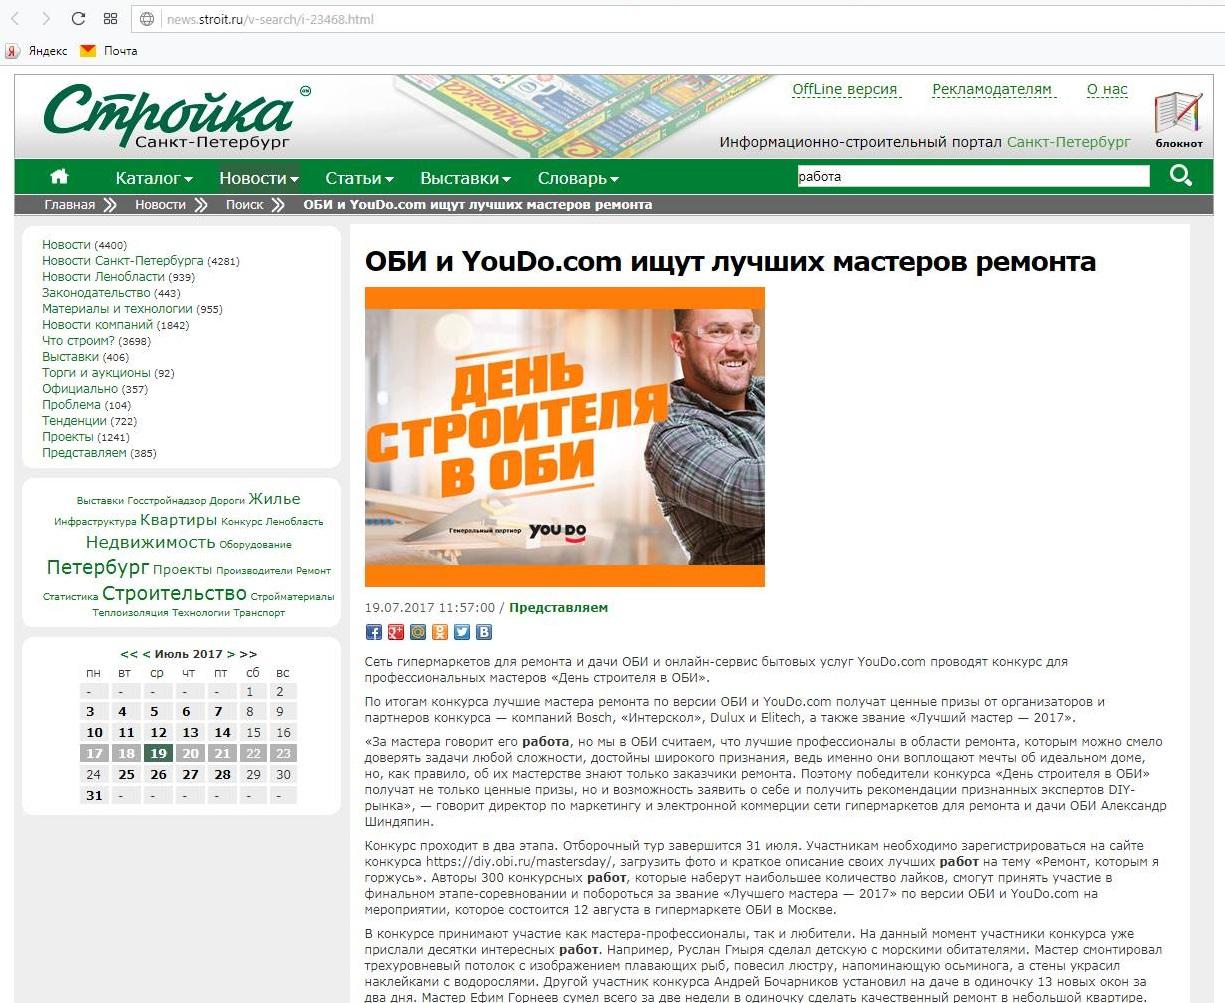 Демонтаж стен из гипсокартона в Москве - цены на услуги